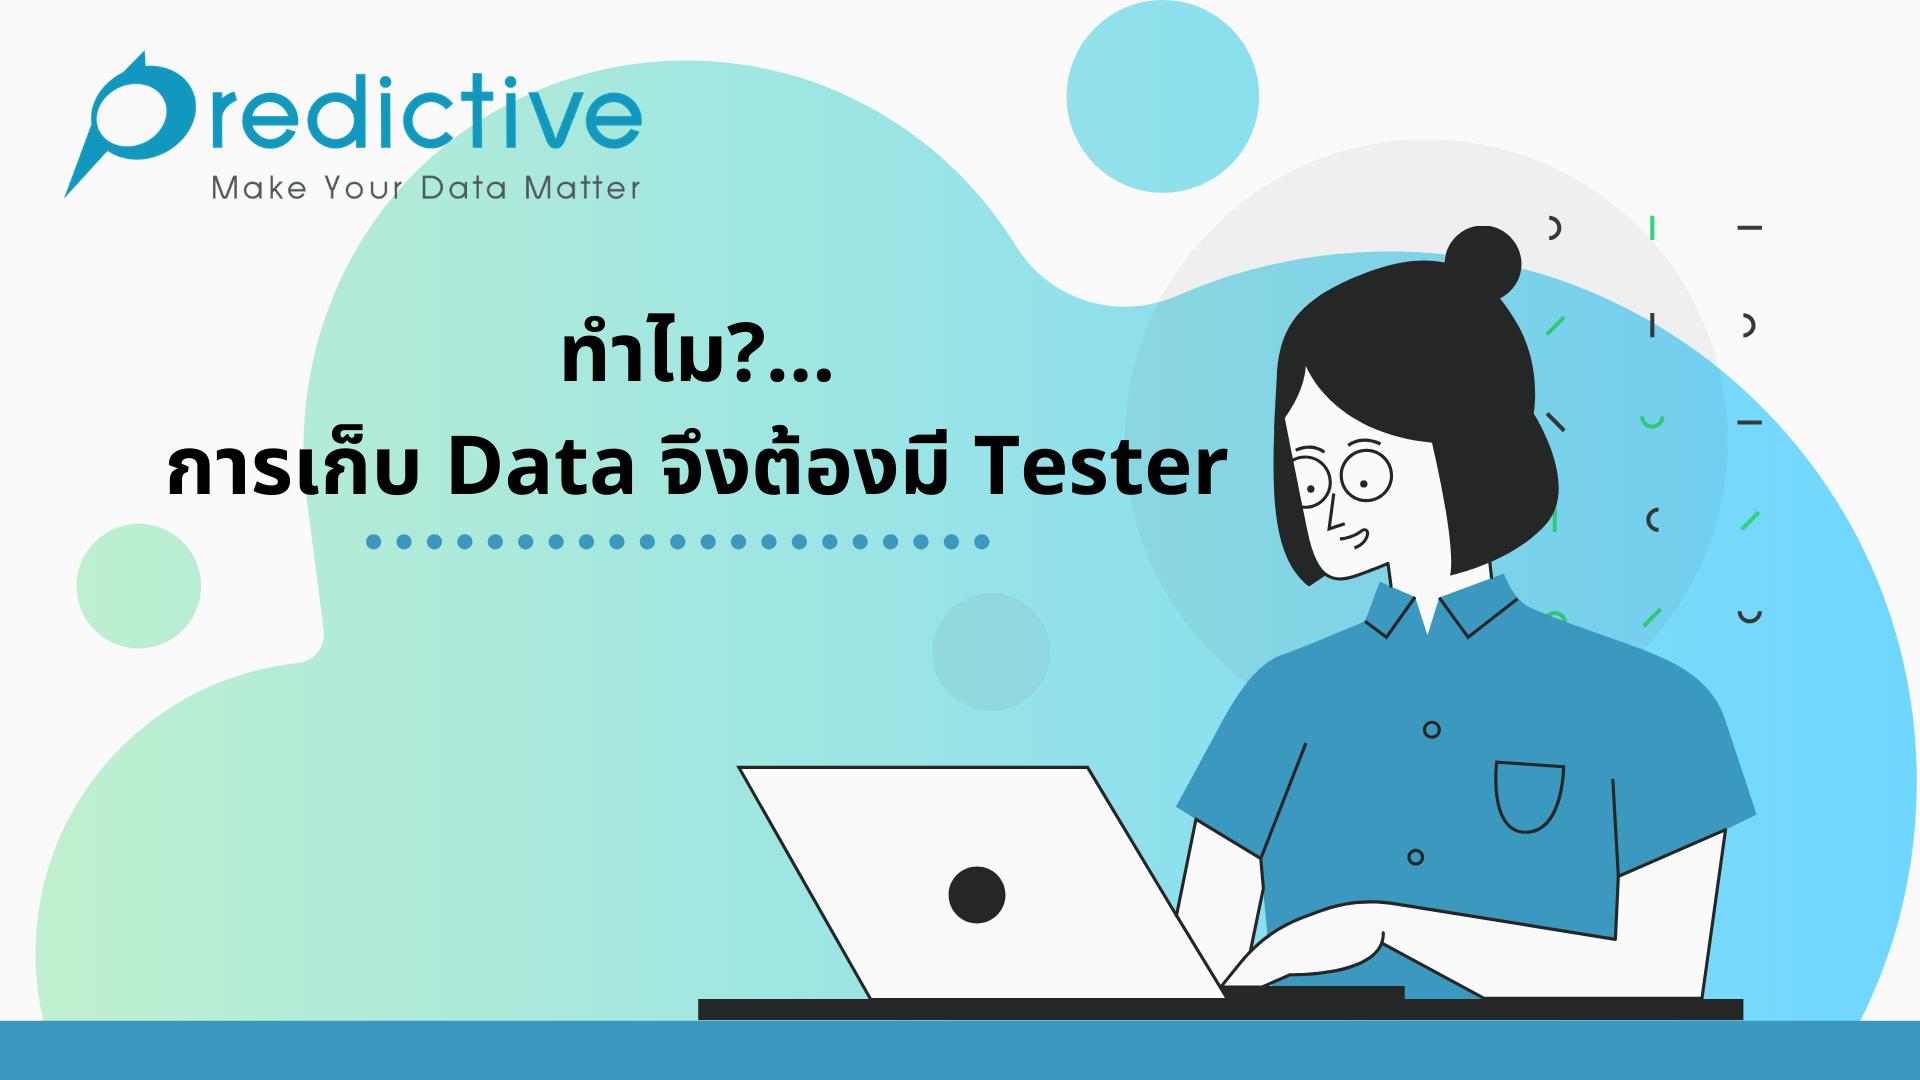 ทำไมการเก็บ Data จึงต้องมี Tester ในการตรวจสอบ - Predictive